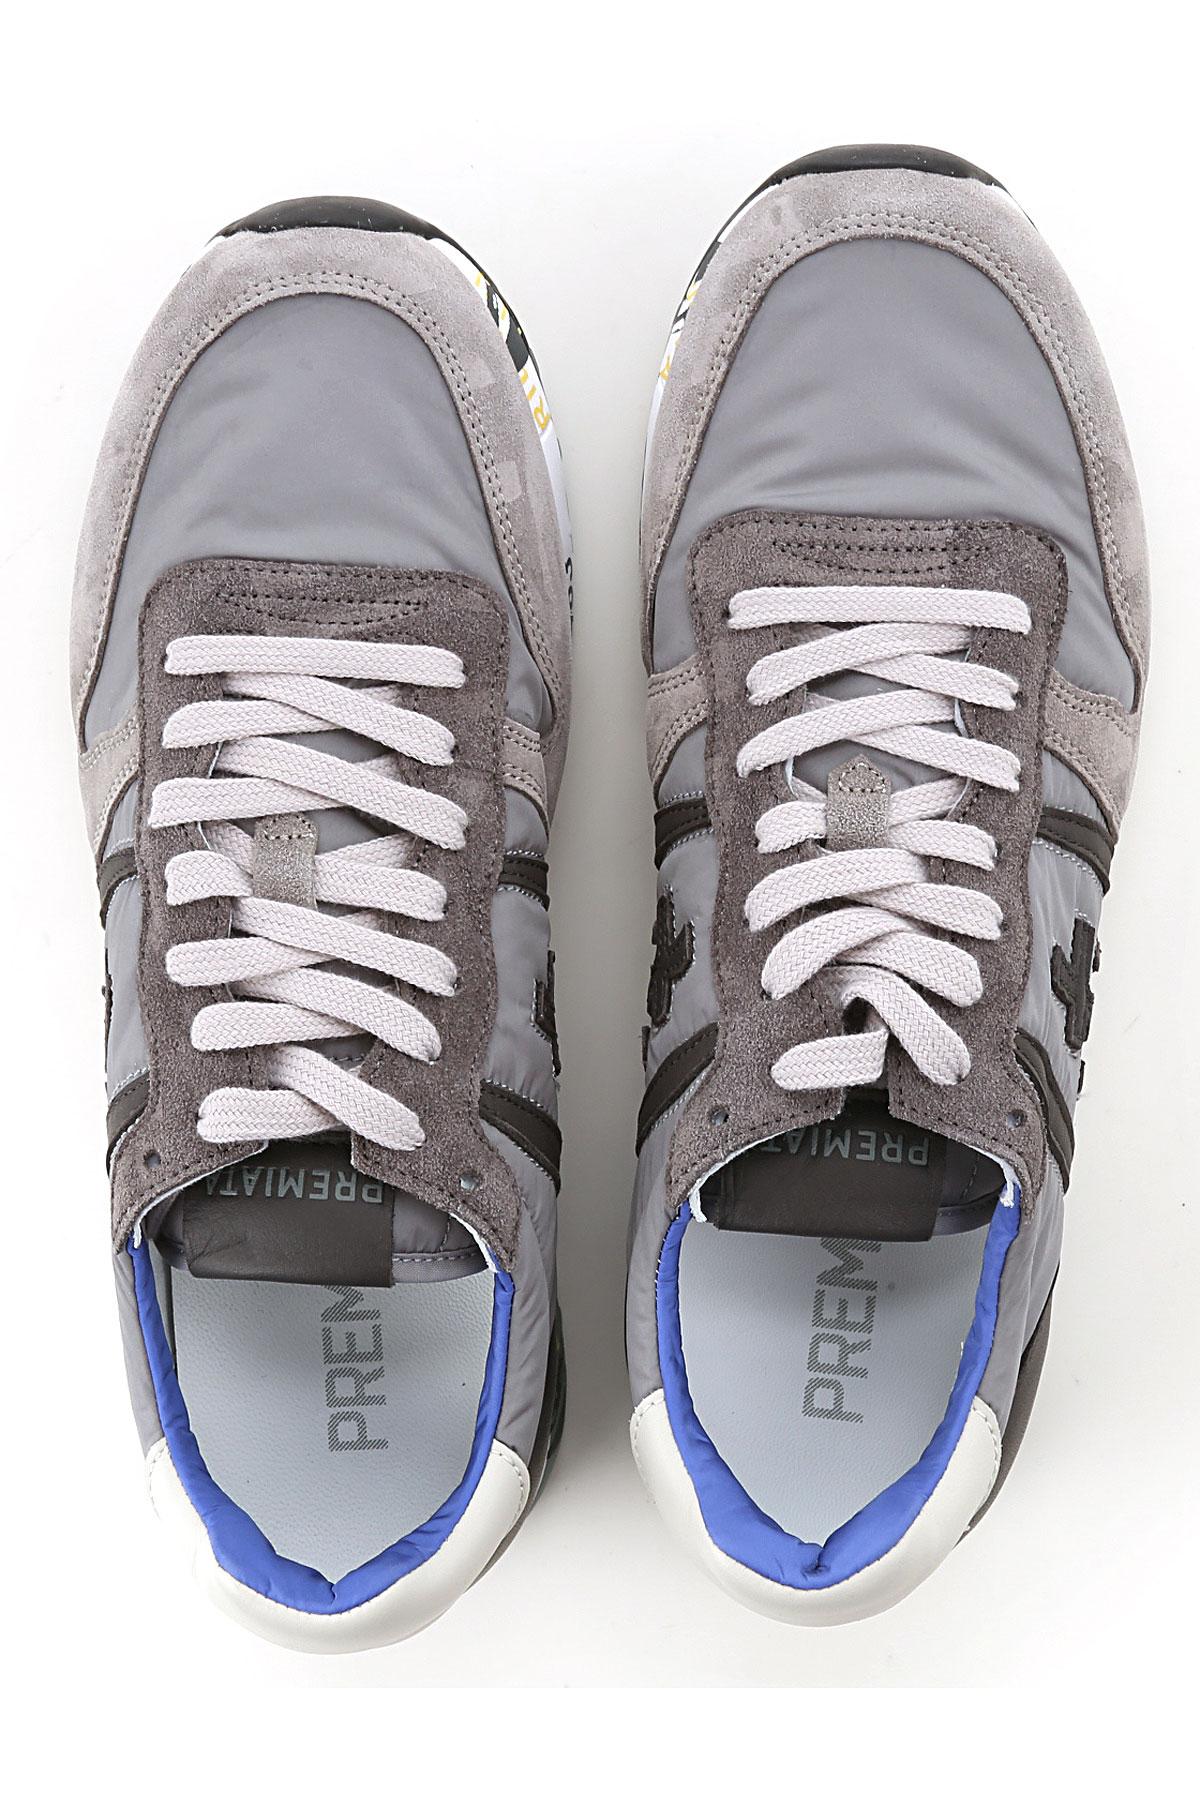 Hombres 2019 Para Zapatos Primavera Sucio Gris nbsp;blanco verano Premiata Antracita FCqEw4